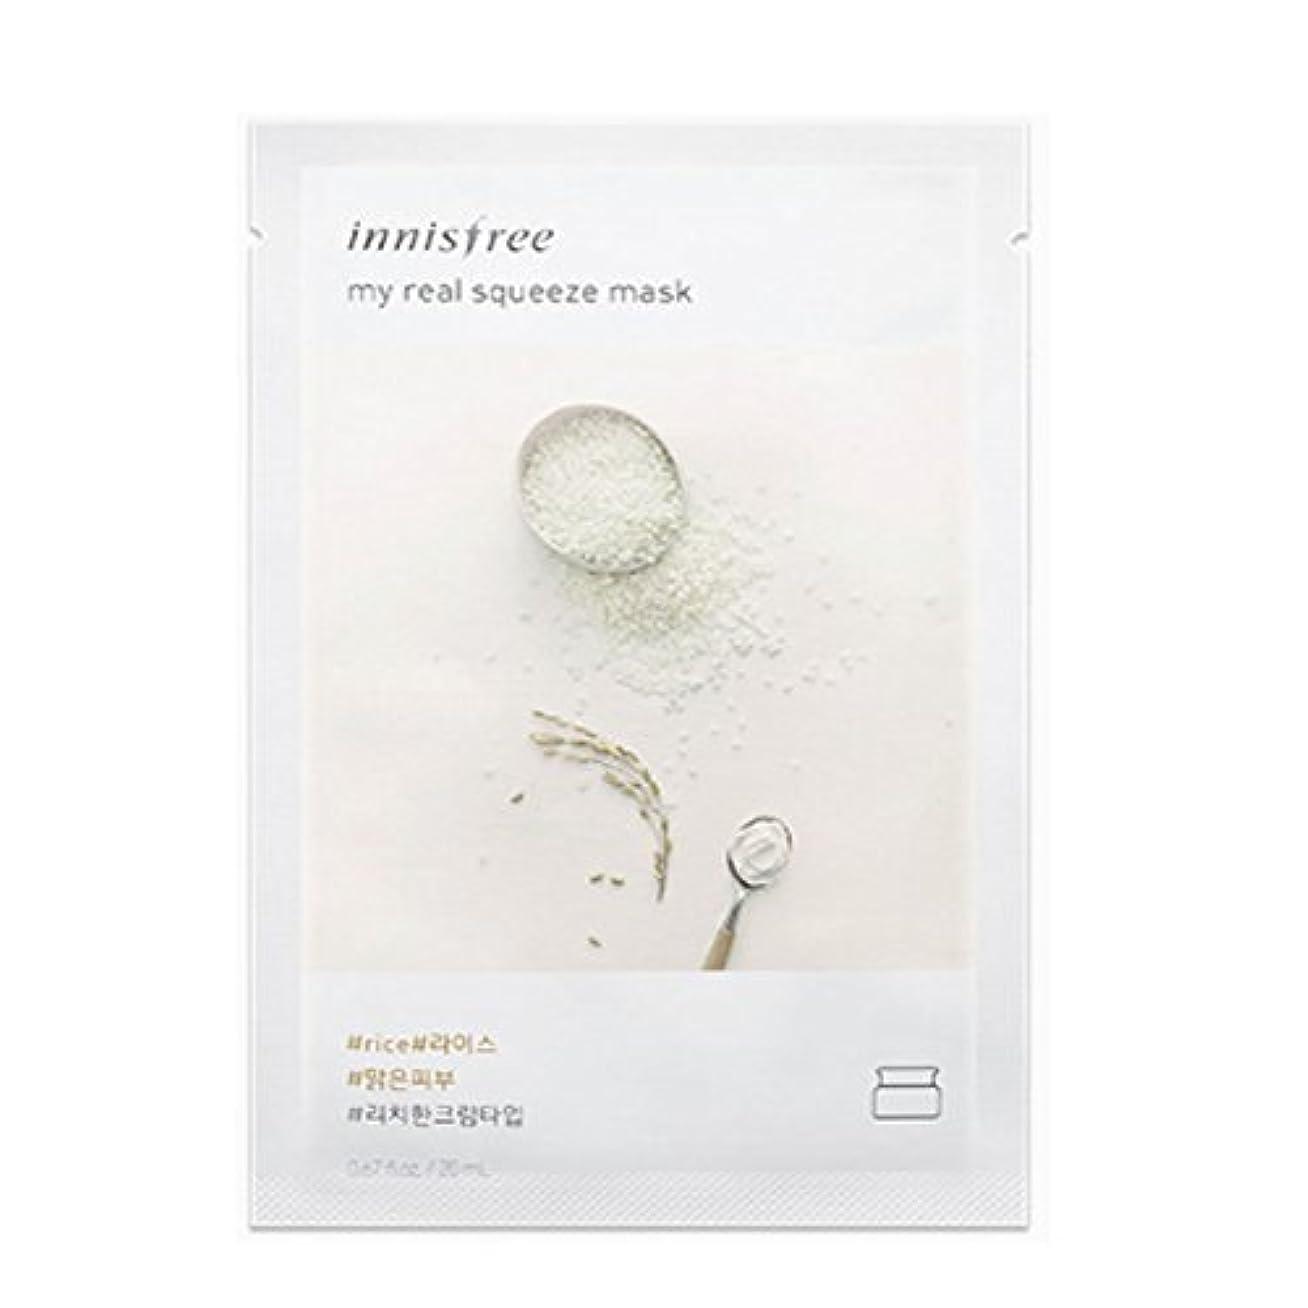 が欲しい小川彼らイニスフリーマイレアルスクイーズマスクシート20ml x 10pcs Innisfree My Real Squeeze Mask Sheet 20ml x 10pcs [海外直送品][並行輸入品] (12.ライス)